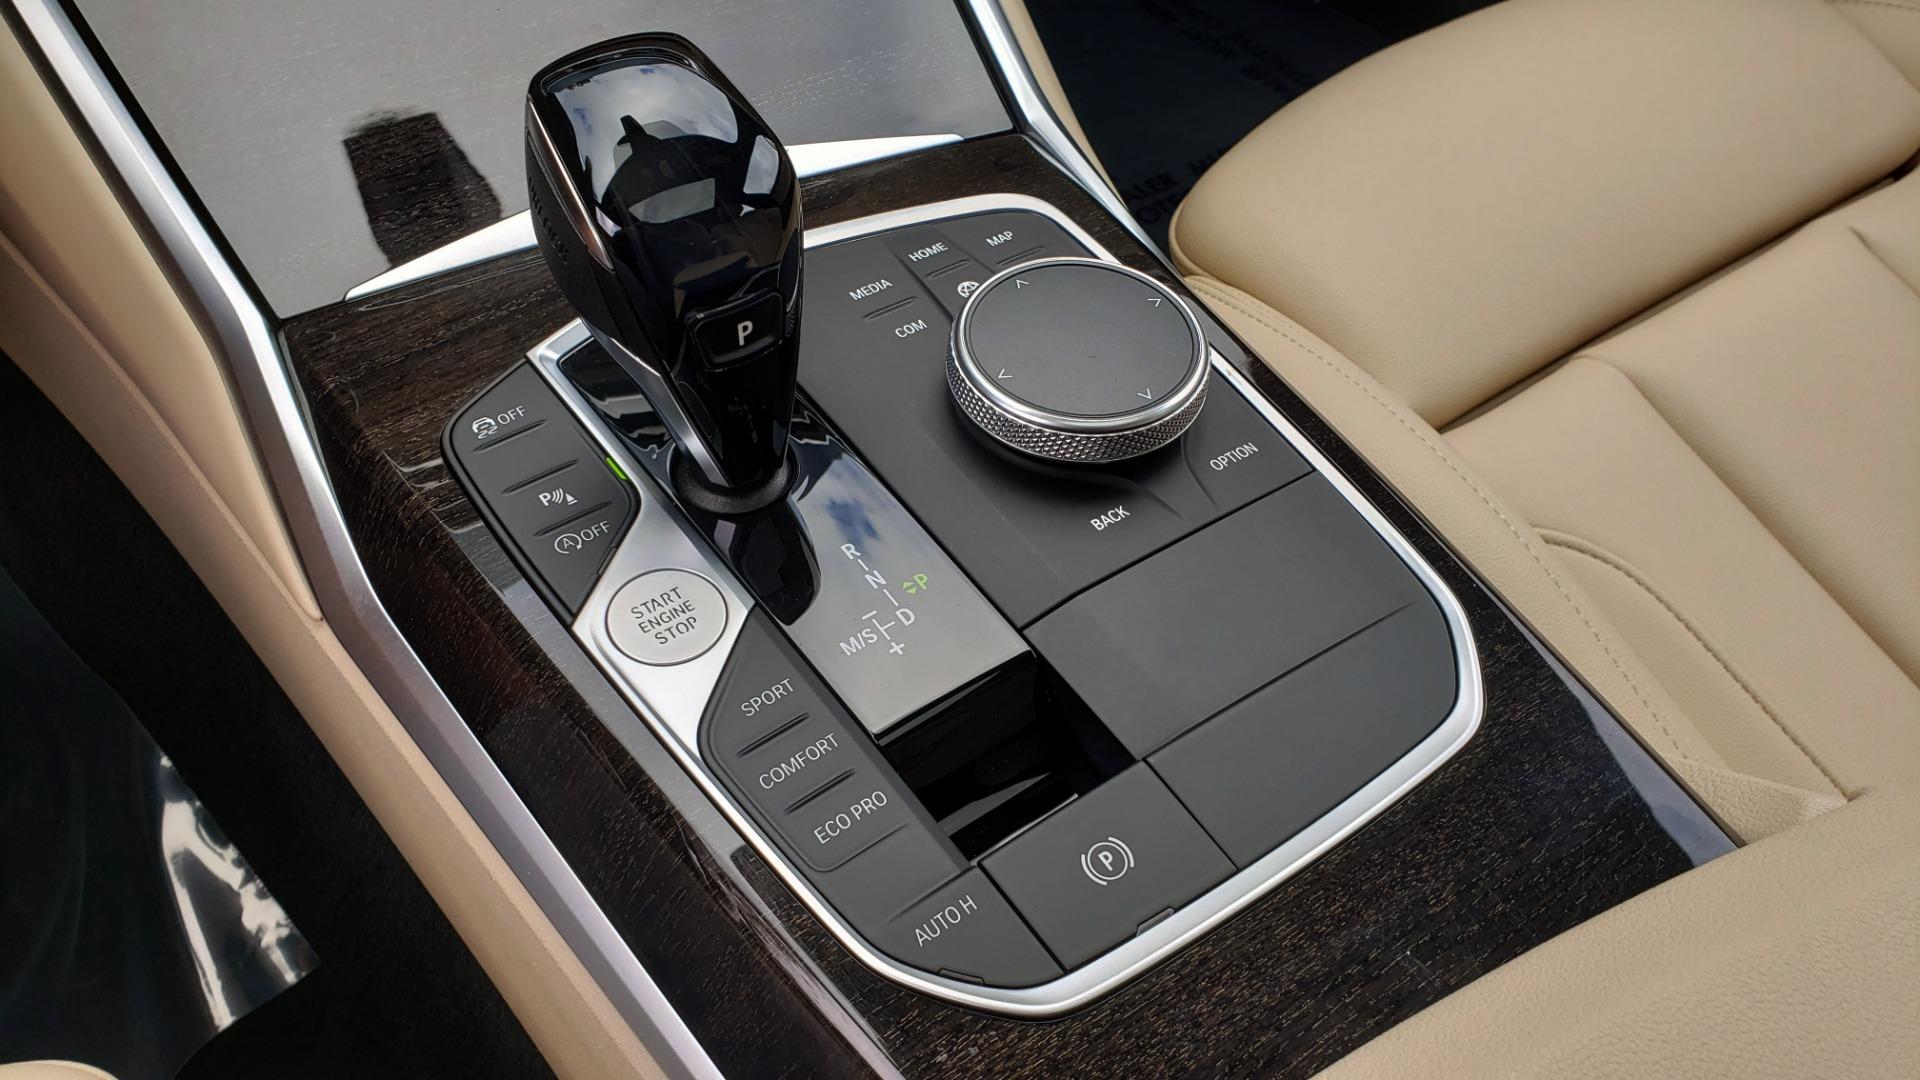 Used 2019 BMW 3 SERIES 330I PREM PKG / NAV / CONV PKG / H&K SND / LIVE COCKPIT PRO for sale Sold at Formula Imports in Charlotte NC 28227 52